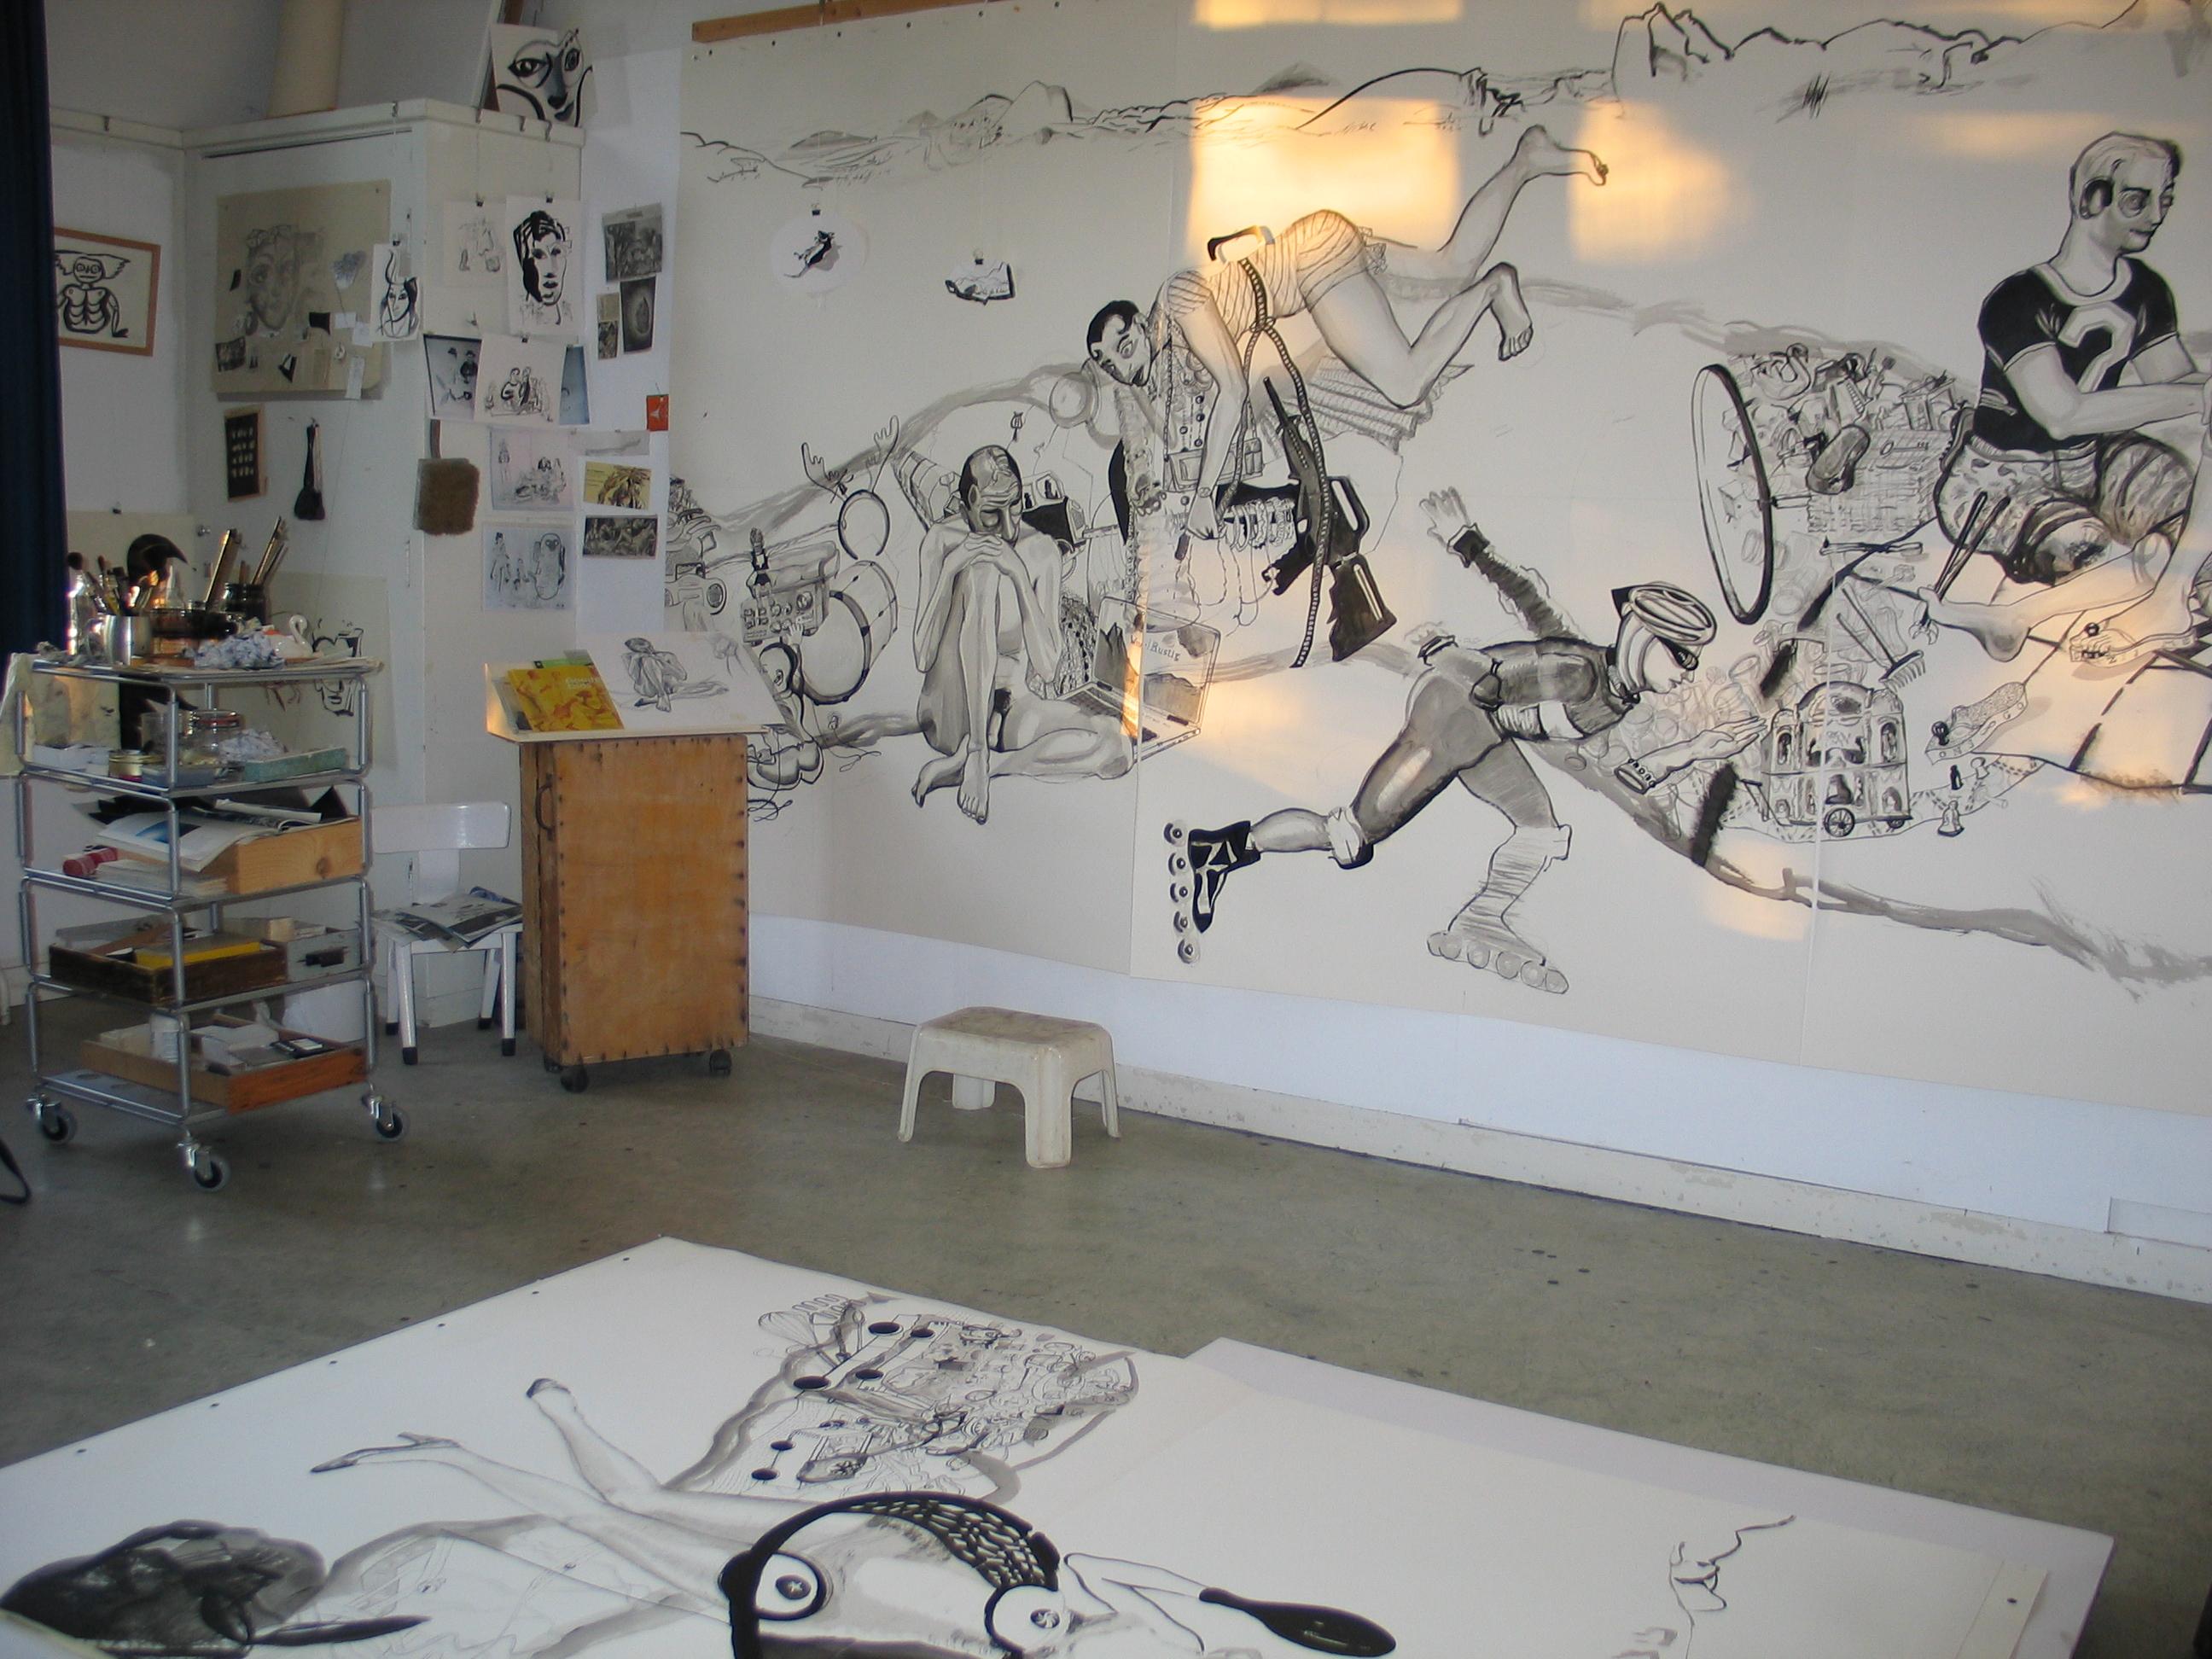 Atelier (Tulpstraat 19, Zeist), 18 mei 2004, tekening 'Necessary Objects' nadert voltooiing